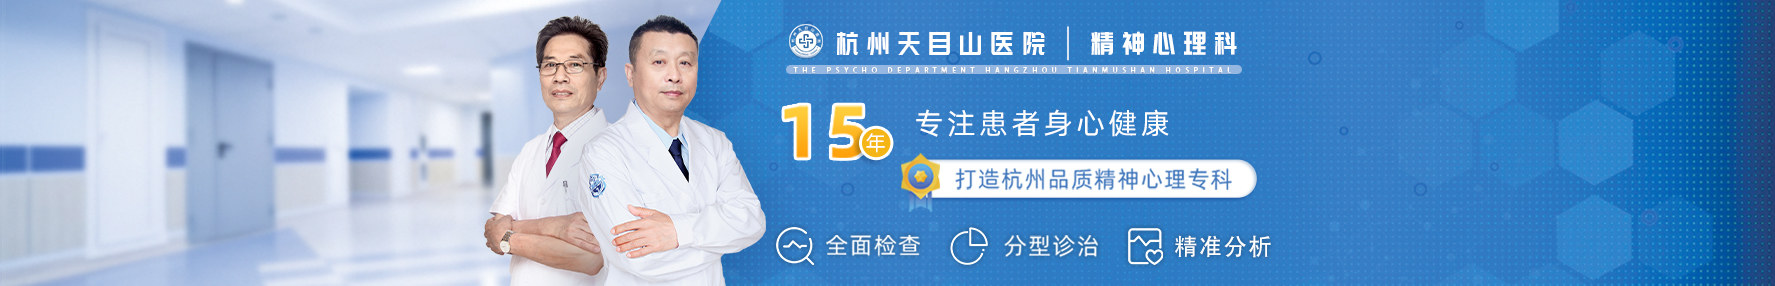 杭州精神疾病医院